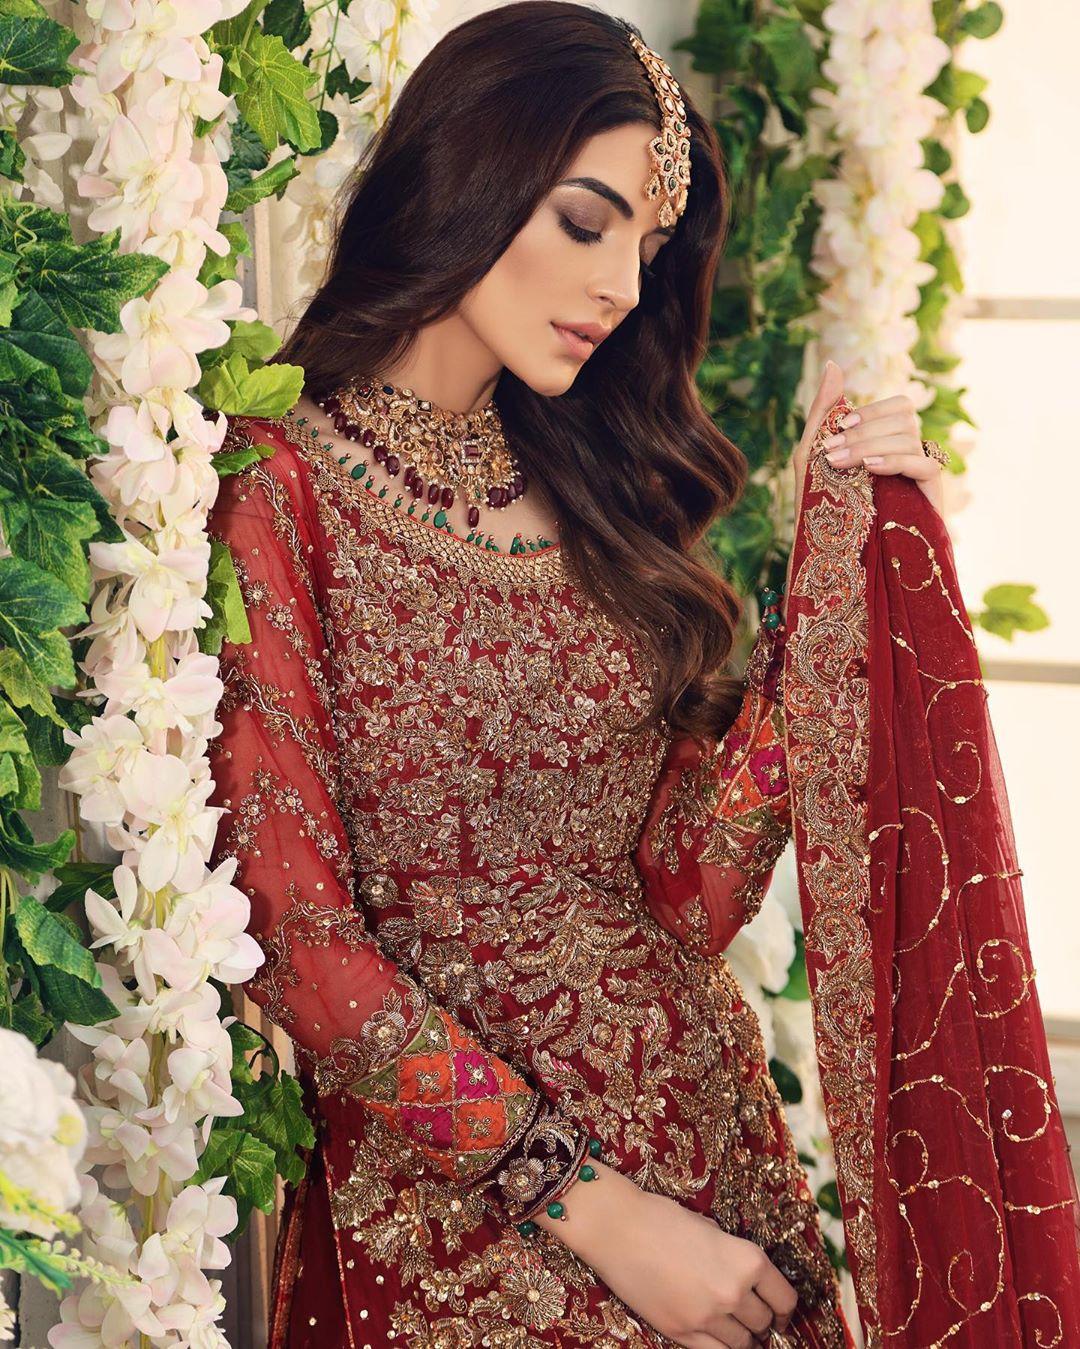 Latest Birdal Photoshoot of Sadia Khan